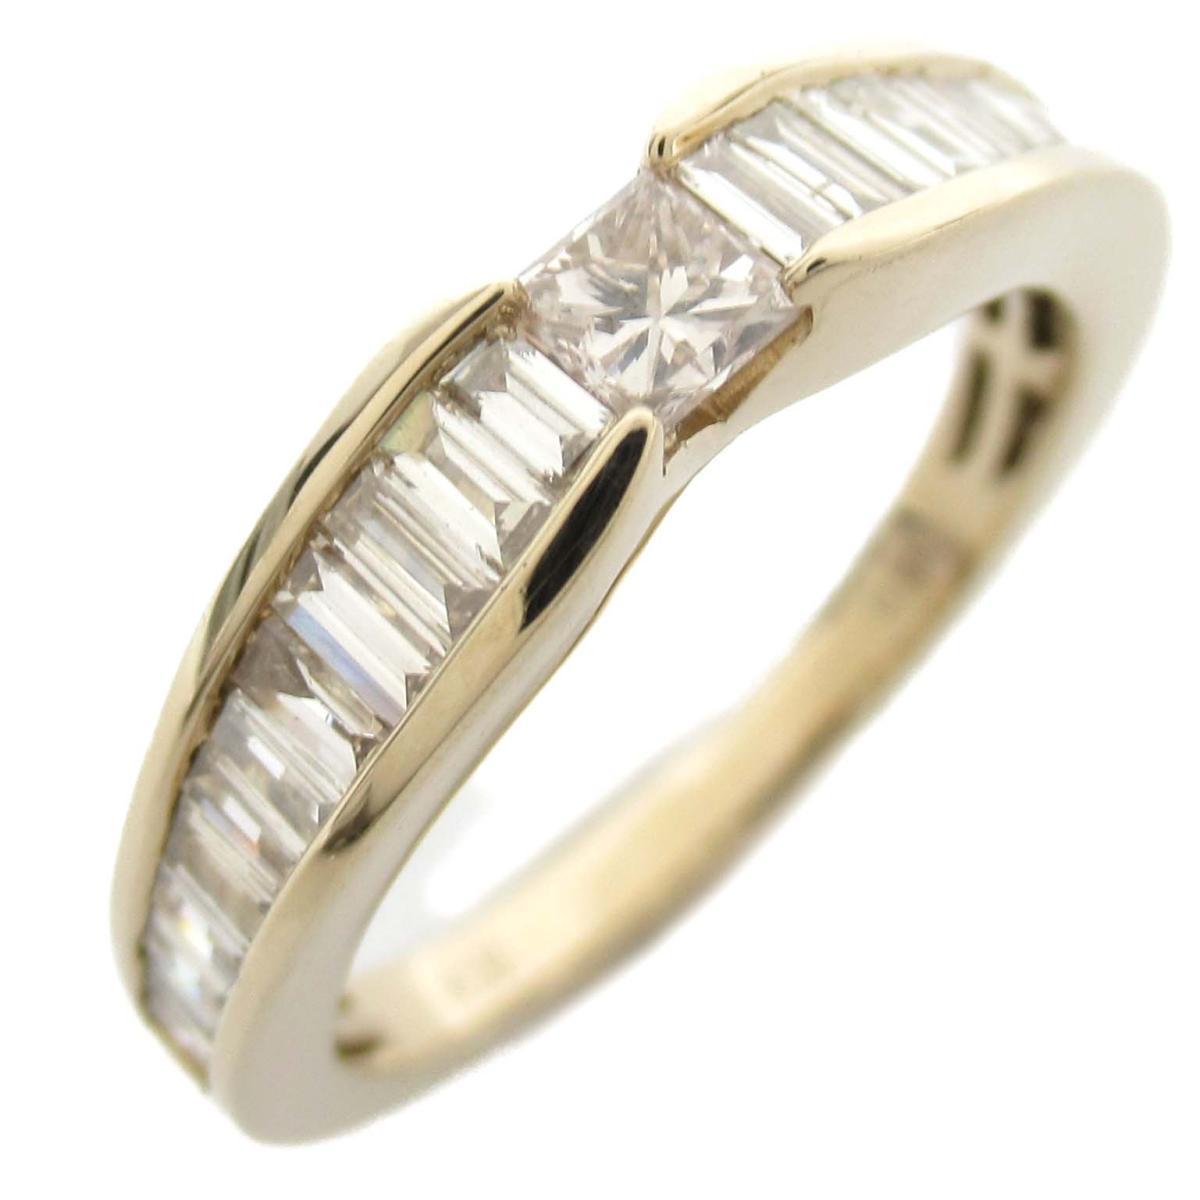 ジュエリー ダイヤモンド リング 指輪 ノーブランドジュエリー レディース 18Kイエローゴールド x ダイヤモンド0.60ct 【中古】 | JEWELRY BRANDOFF ブランドオフ アクセサリー